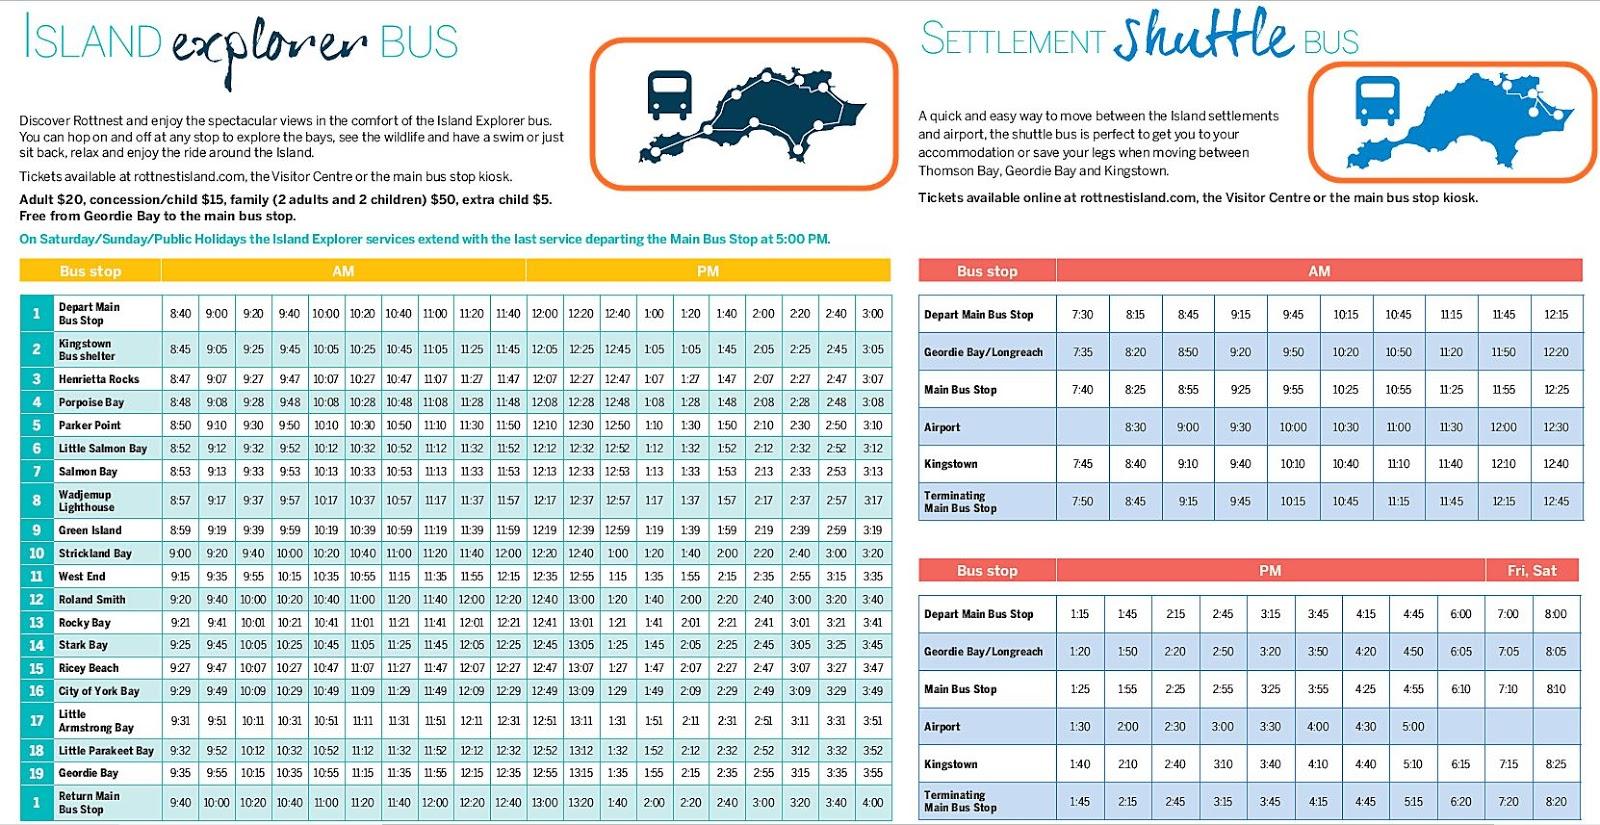 澳洲-西澳-伯斯-景點-羅特尼斯島-Rottnest Island-巴士-公車-時刻表-路線-推薦-自由行-交通-旅遊-遊記-攻略-行程-一日遊-二日遊-必玩-必遊-Perth